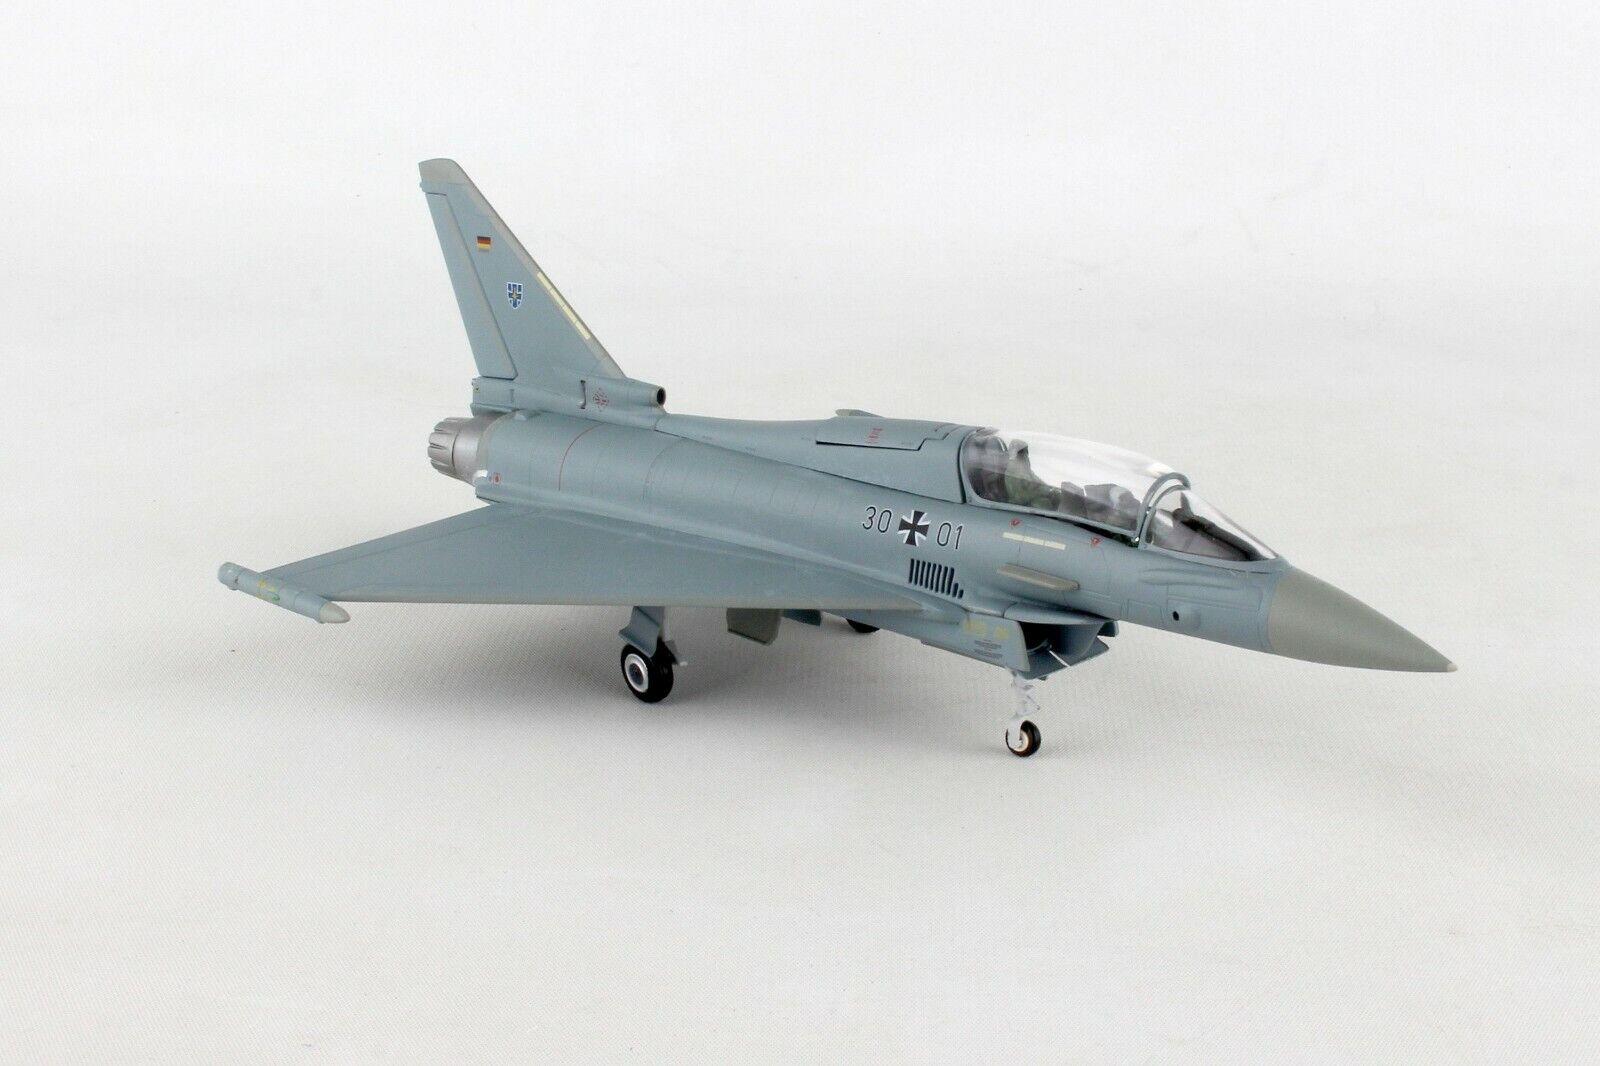 HE580397 Herpa Luftwaffe Eurofighter Typhoon 1 72 taktlwg 73 Steinhoff Die-Cast